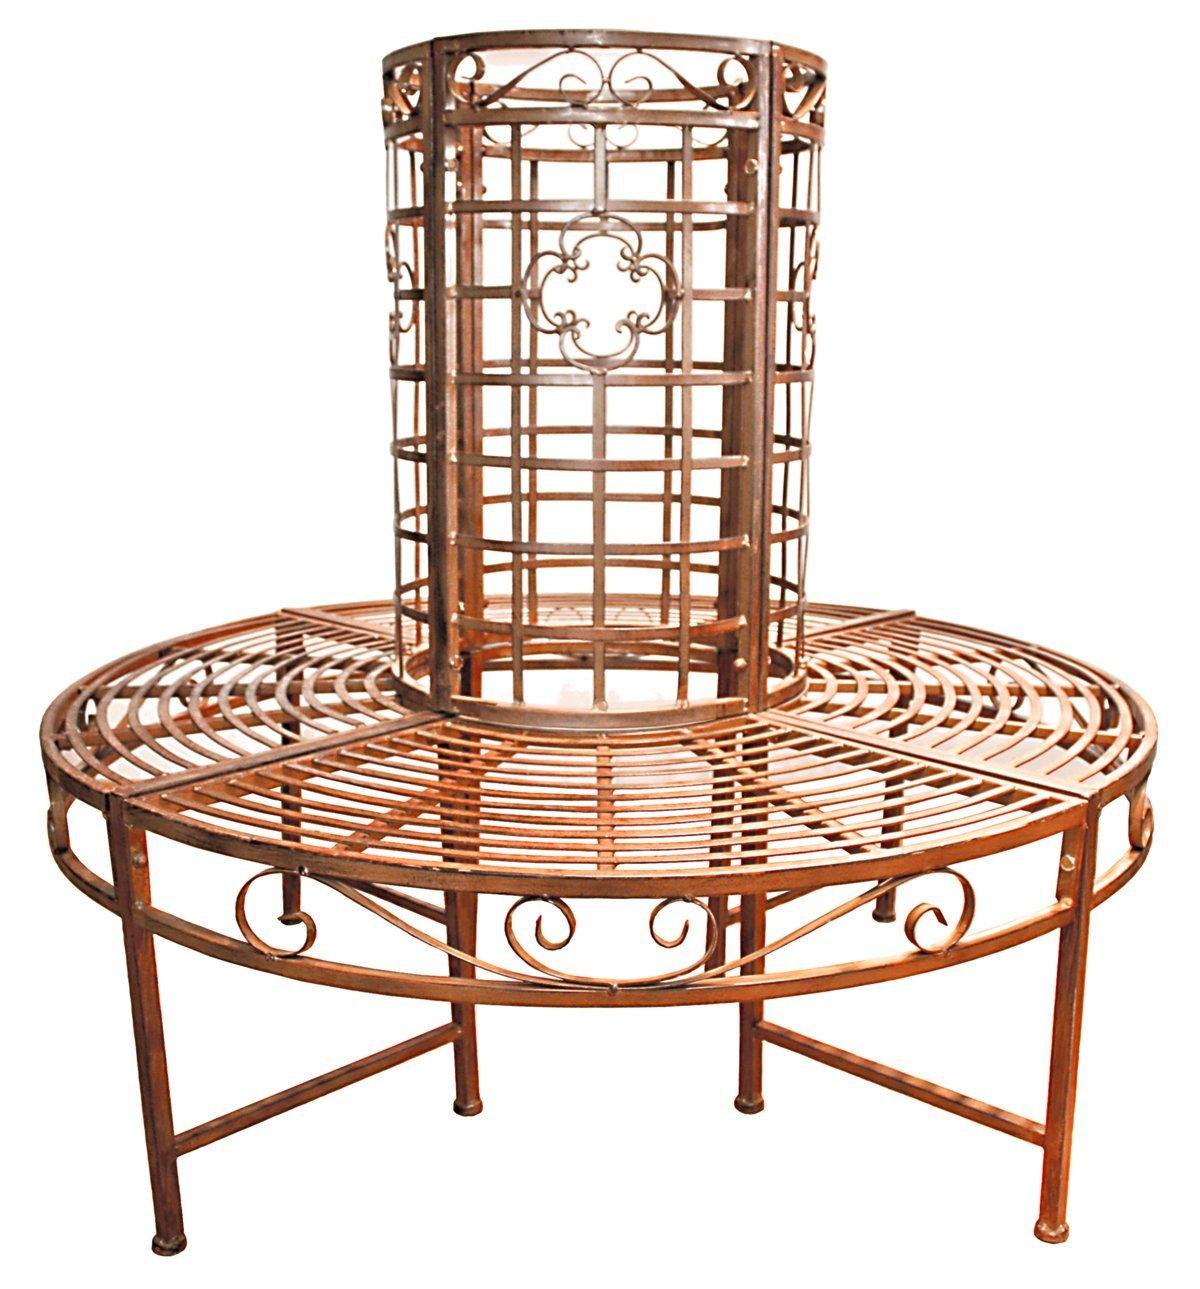 gartenbank rund 4 meine. Black Bedroom Furniture Sets. Home Design Ideas